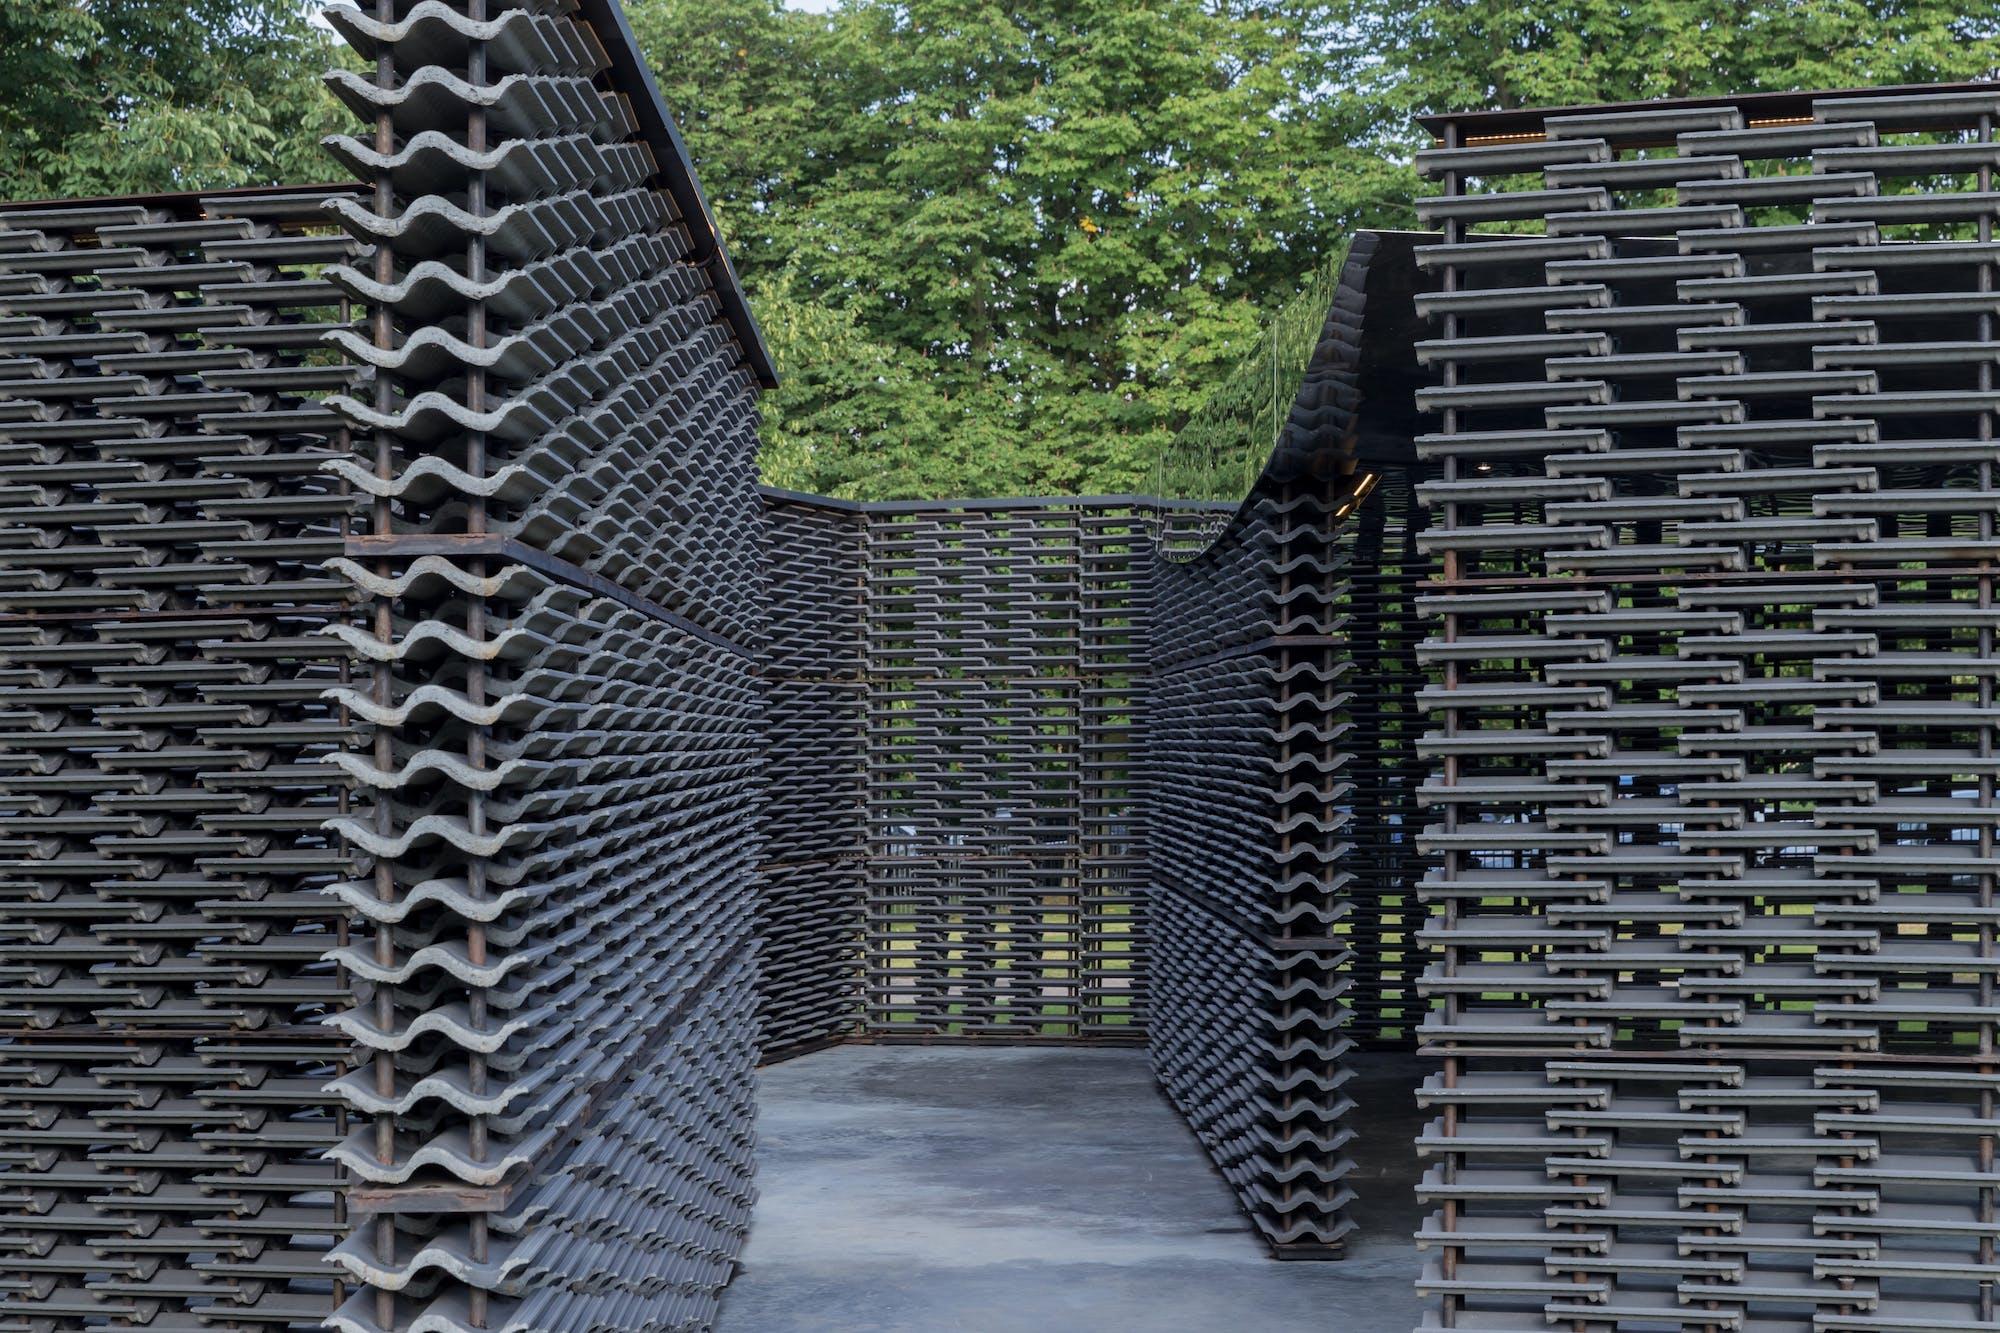 Pabellón de Verano, galería Serpentine, Hyde Park, Londres.